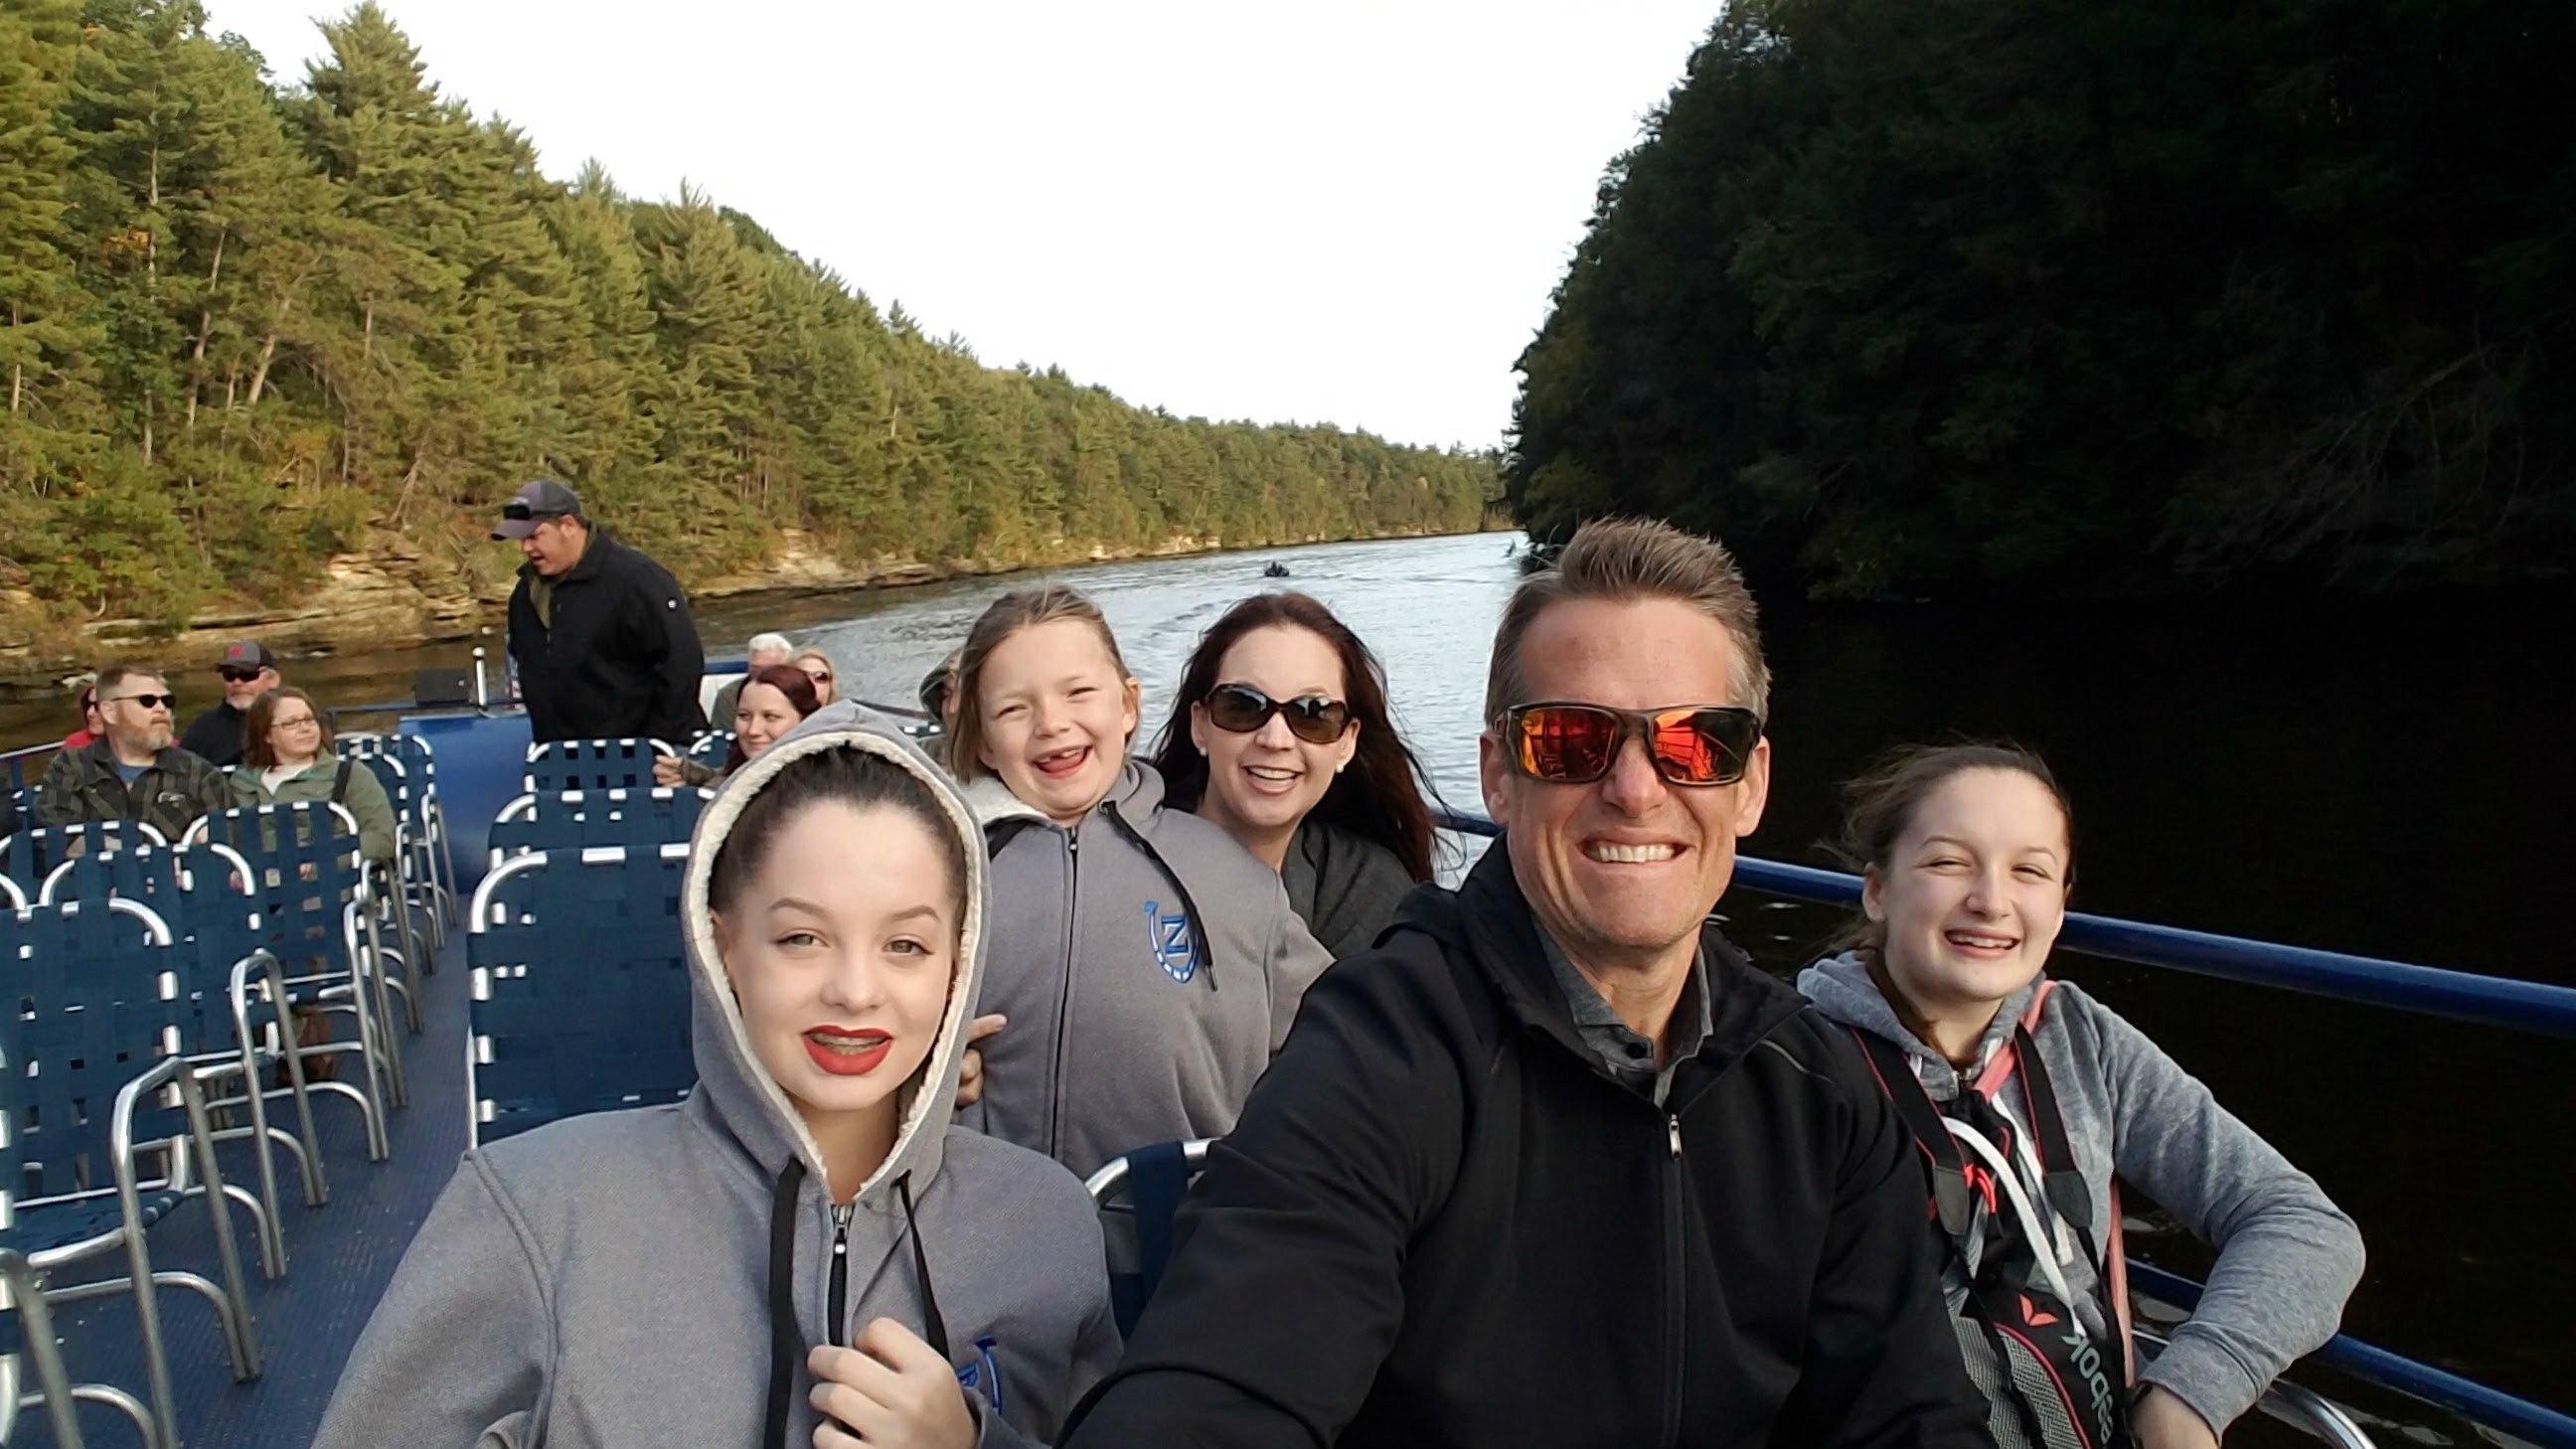 family-boat-ride-in-the-dells